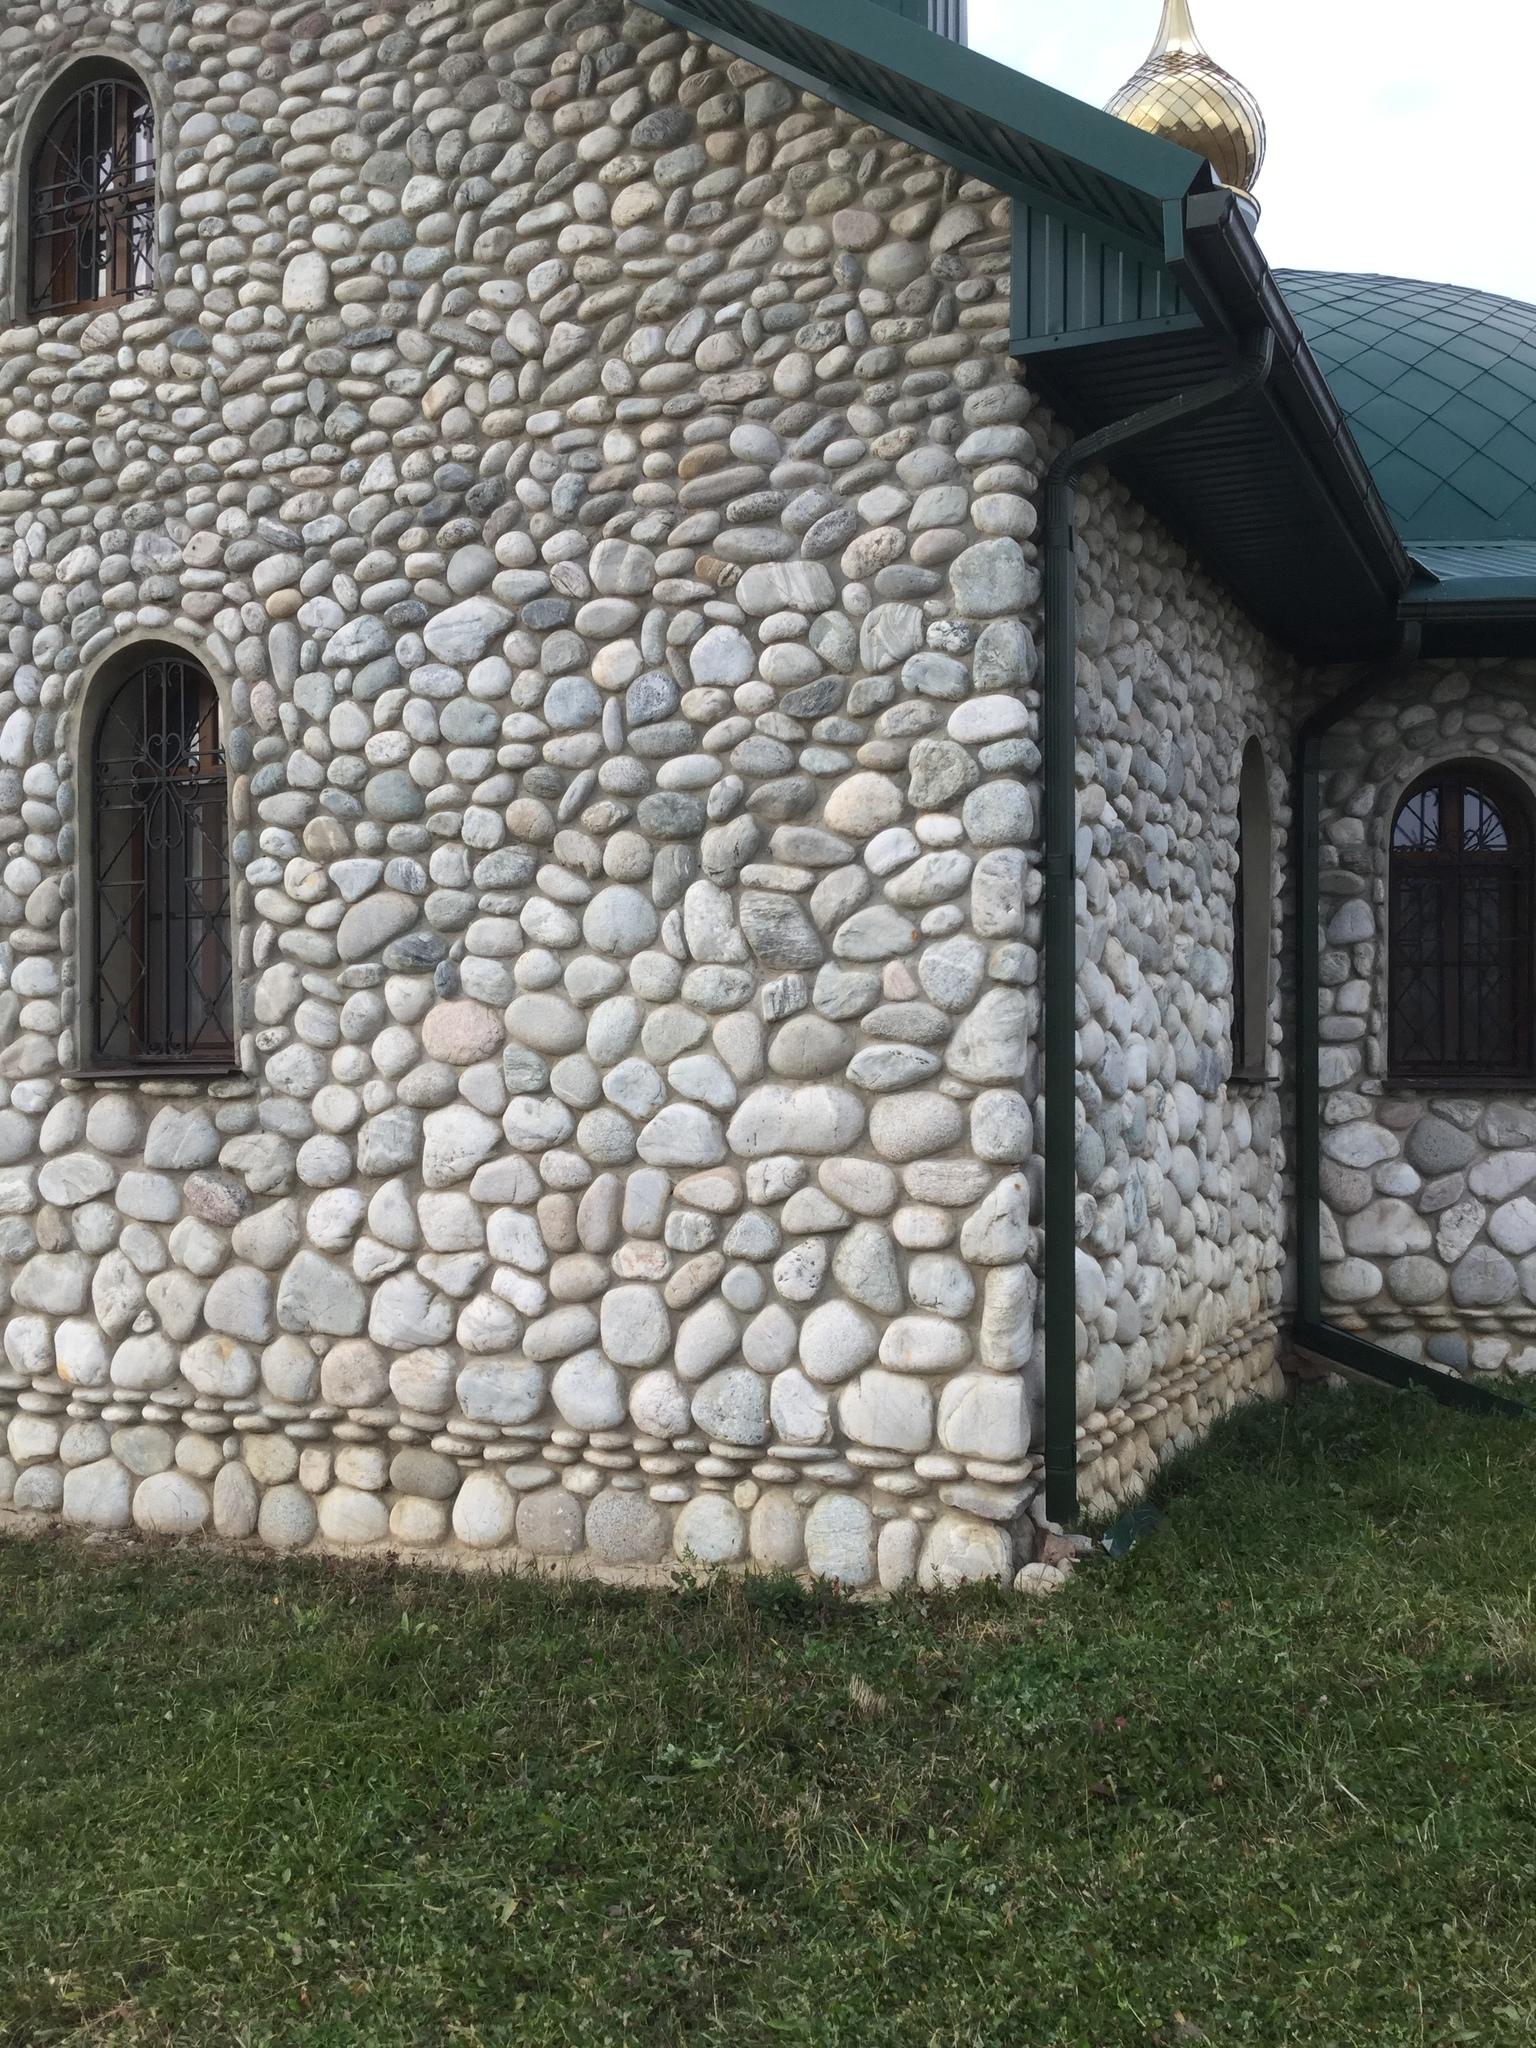 Церковь облицовка Булыжник отборный плоский Светло-серый